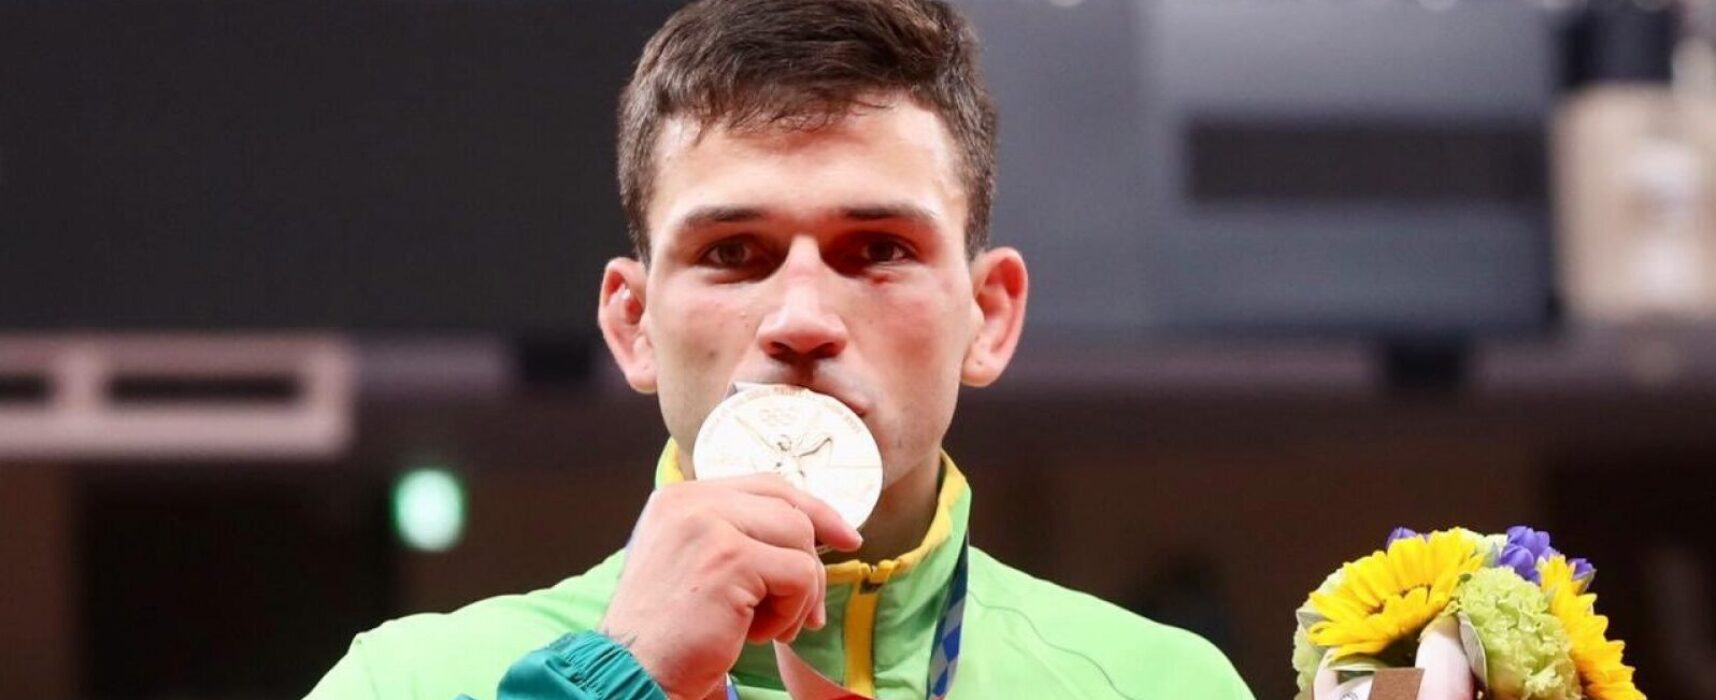 OLIMPÍADAS: Bronze no Judô é segunda medalha brasileira em Tóquio